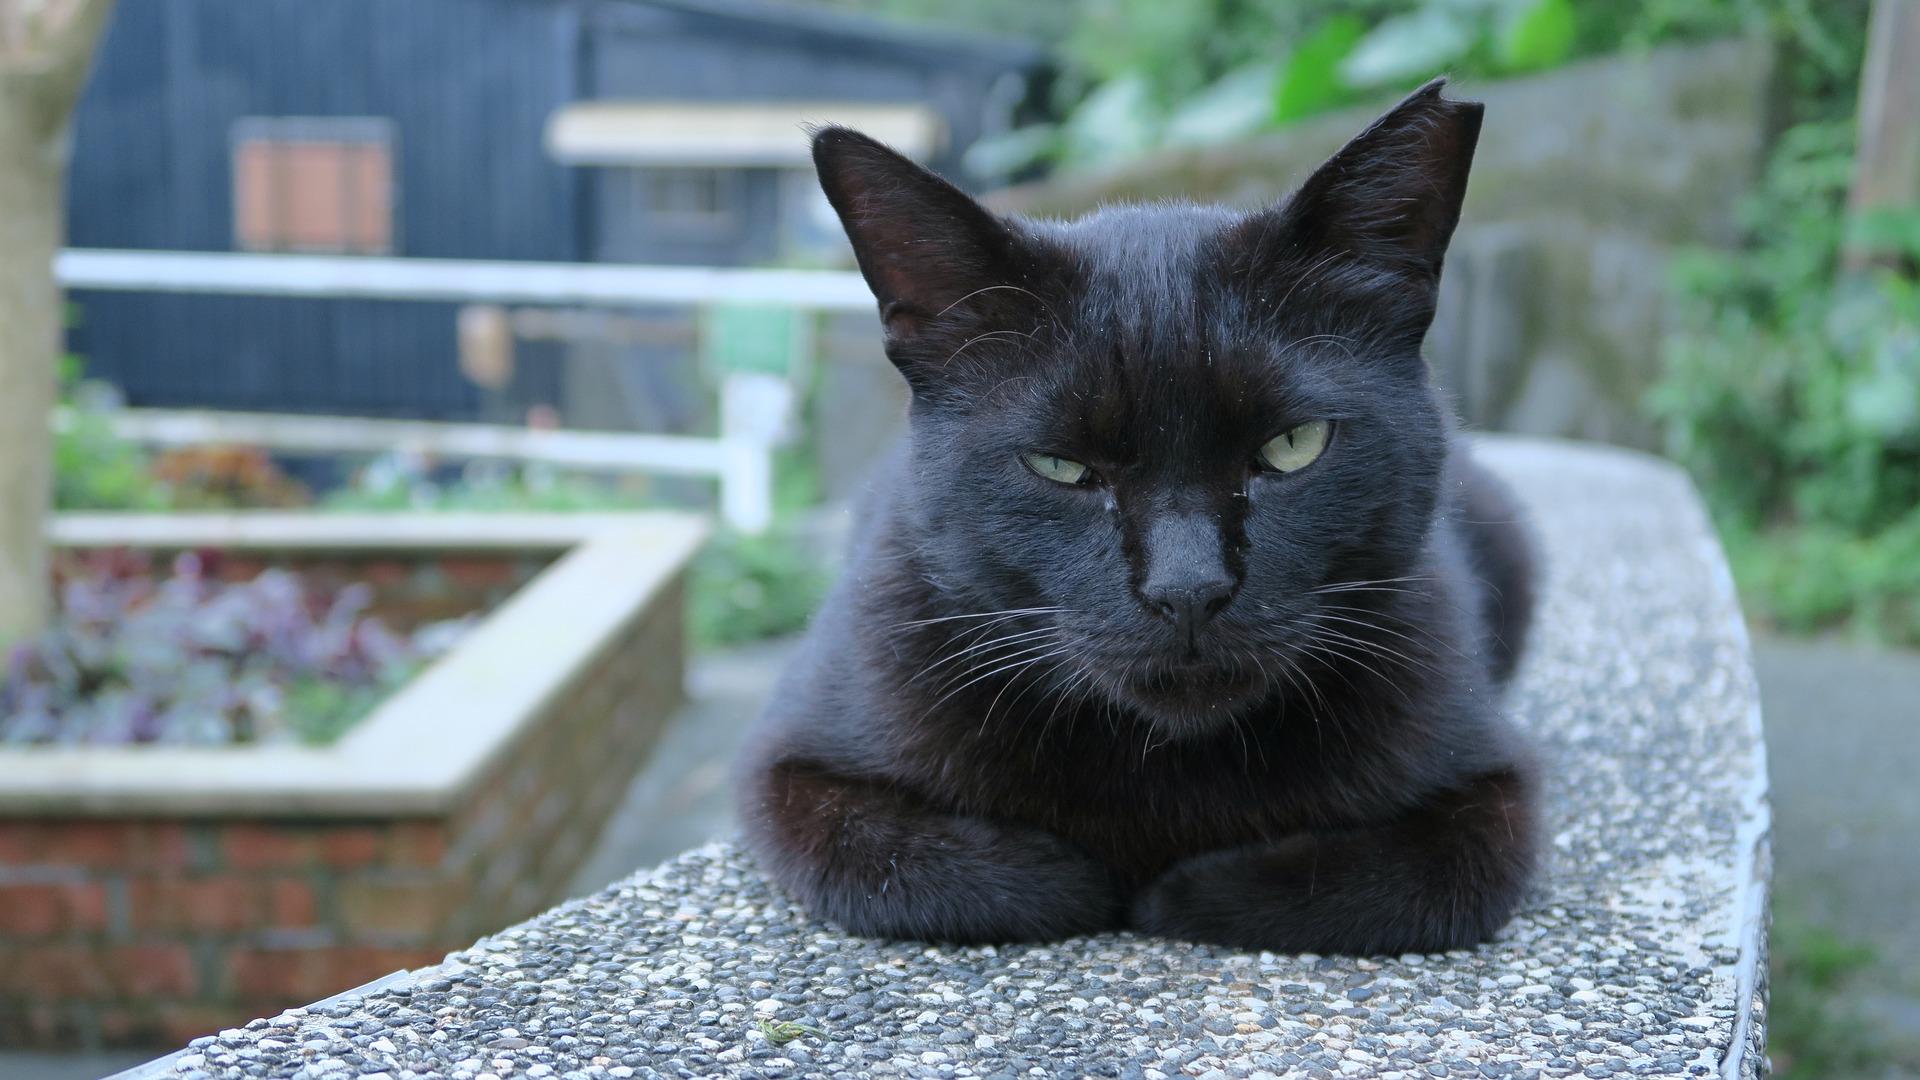 راه حل انسانیای برای کنترل جمعیت گربههای محلی وجود دارد؟